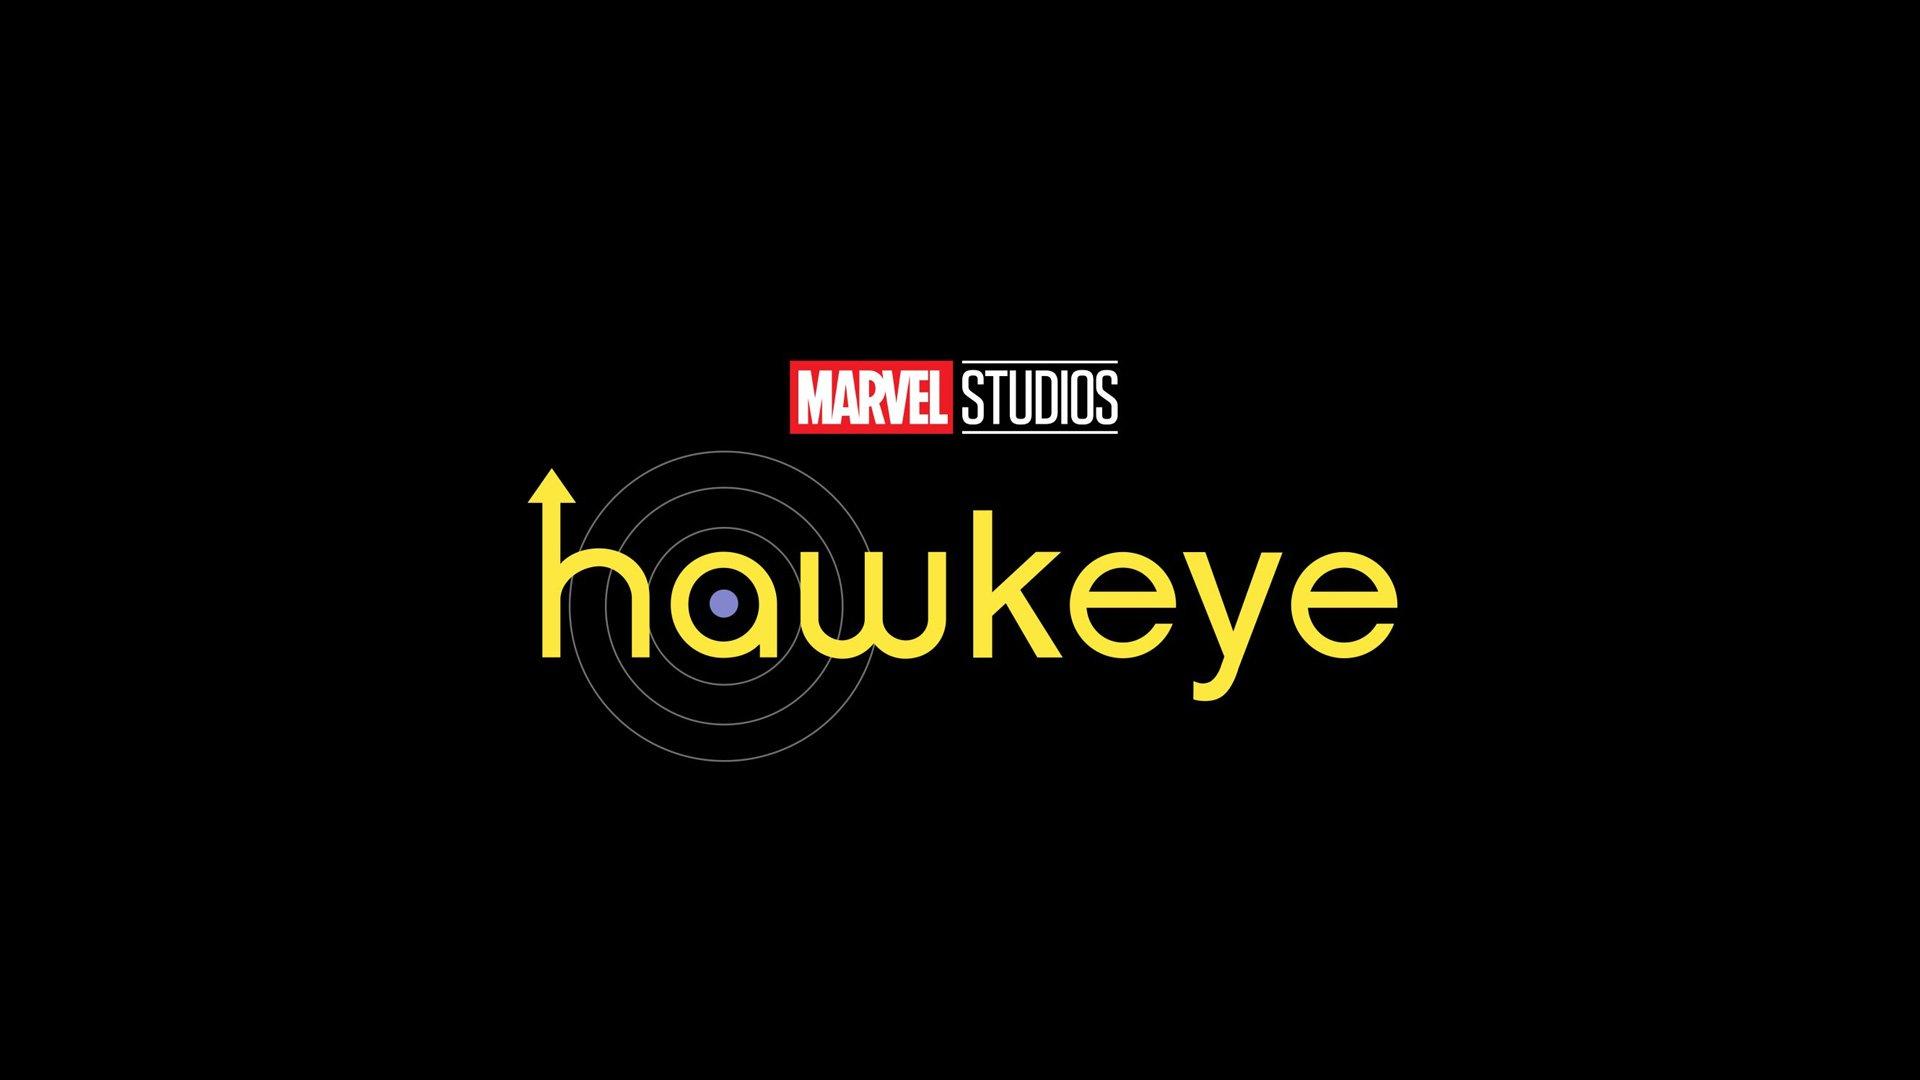 Marvel's Hawkeye Series: Hailee Steinfeld Confirmed As Kate Bishop